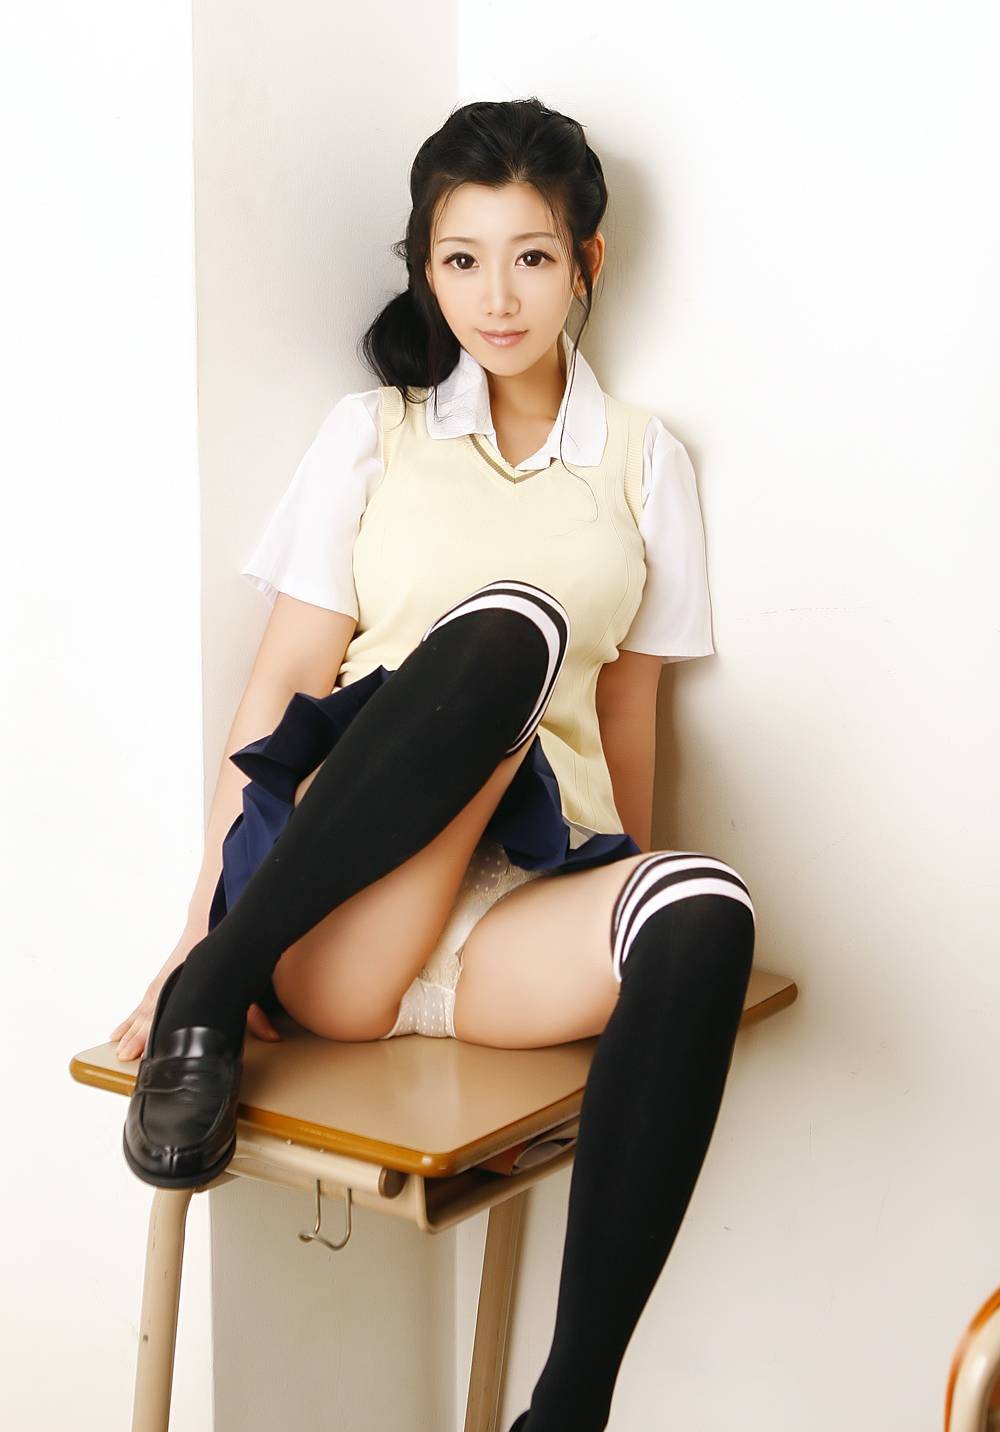 高画質エログラビア 韓国グラビアアイドル セクシー パンチラ カメラ目線 高校生 制服 ニーソックス ミニスカート 股間 机の上